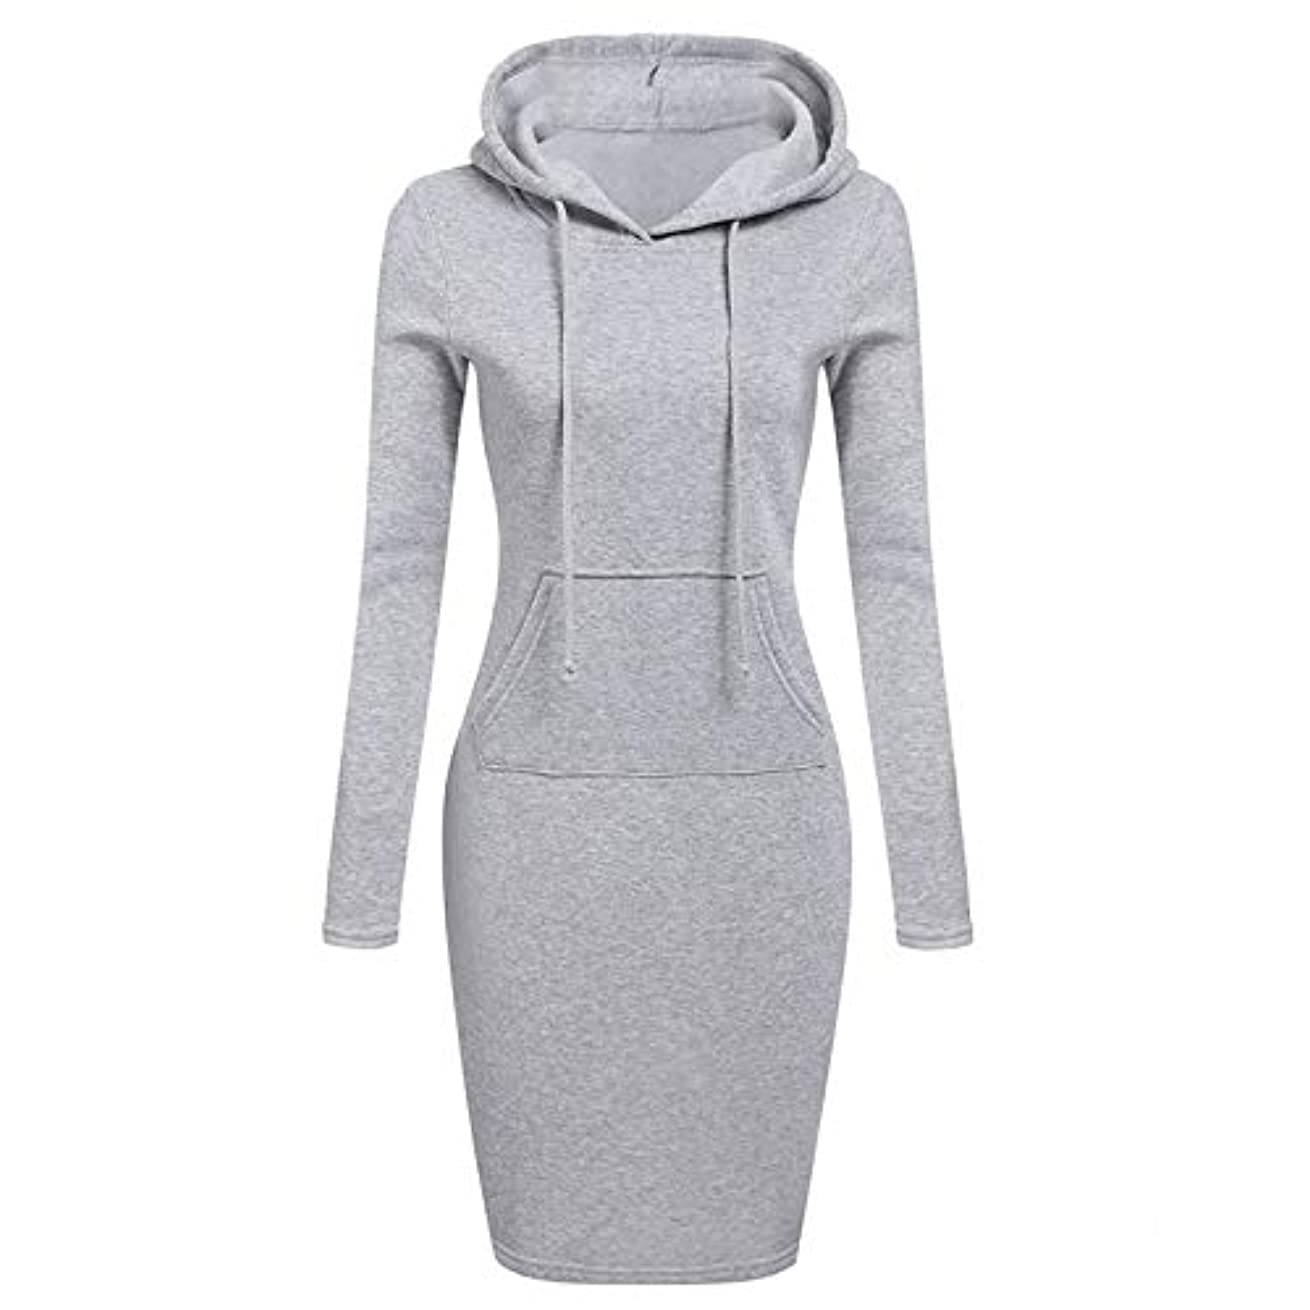 逆さまに絶望的なうなずくOnderroa - ファッションフード付き巾着フリースの女性のドレス秋冬はドレス女性Vestidosパーカースウェットシャツドレスを温めます